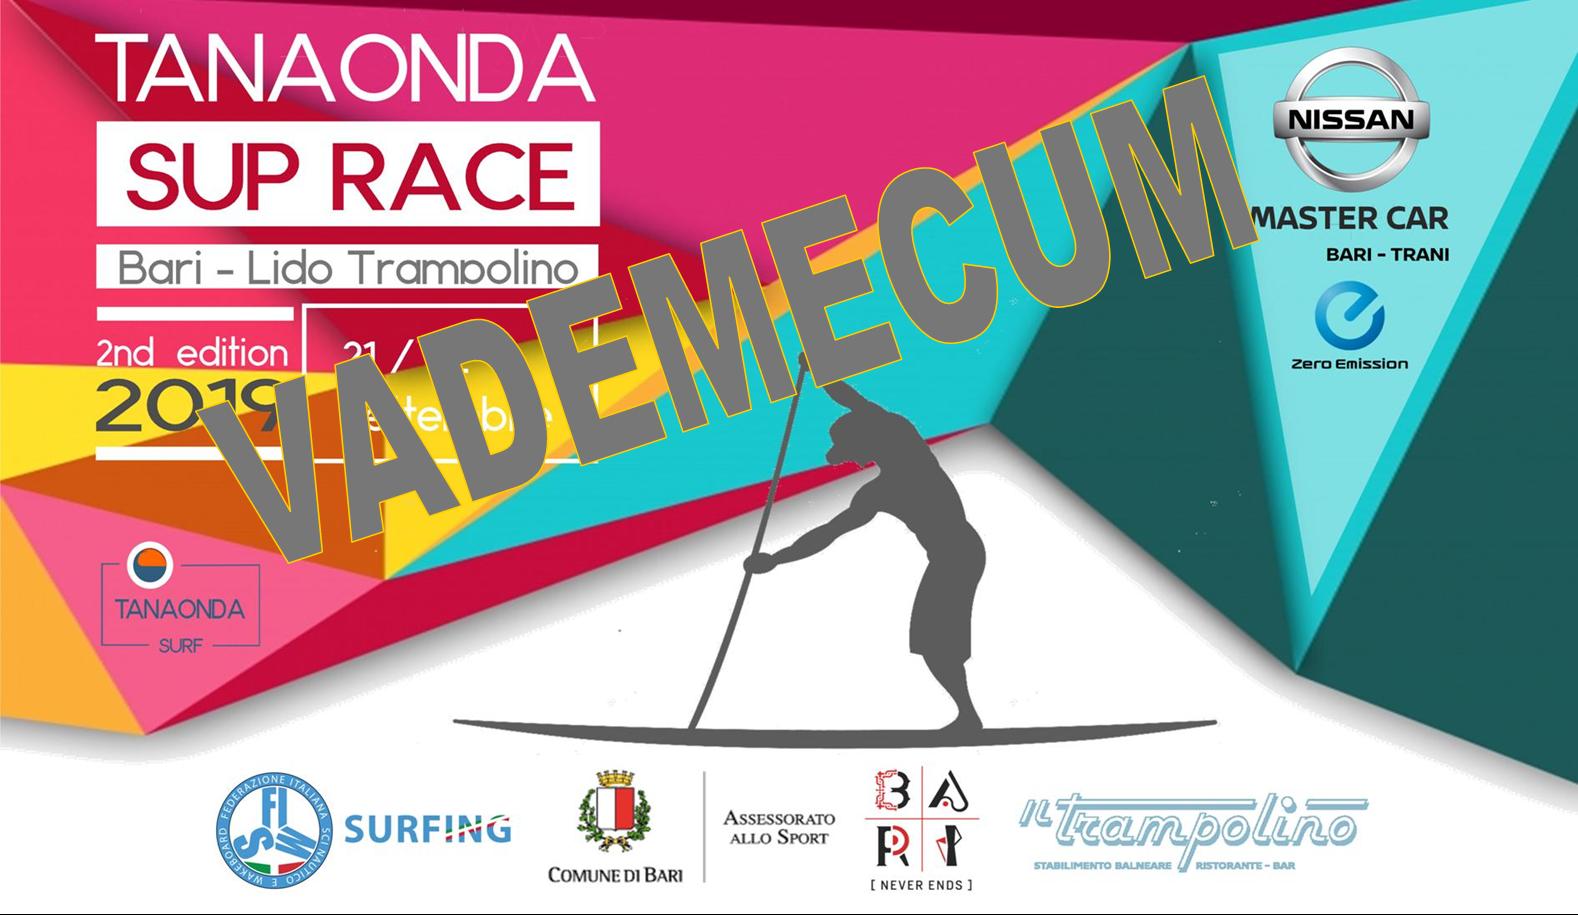 Vademecum ASD per la Tanaonda SUP Race 2019